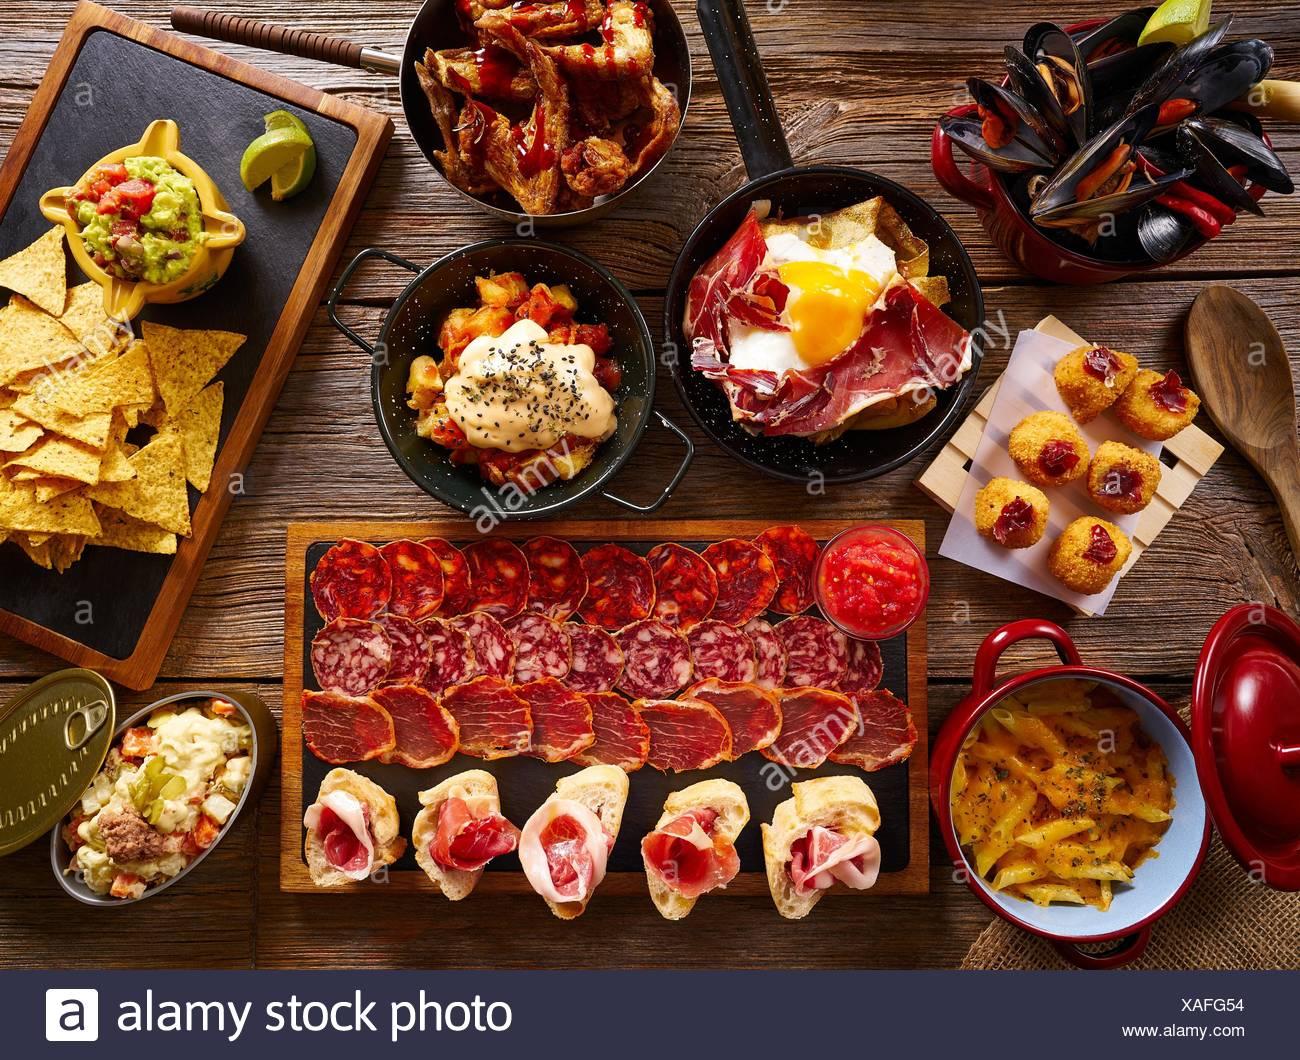 Tapas dalla Spagna un mix vario di cucina mediterranea ricette. Immagini Stock